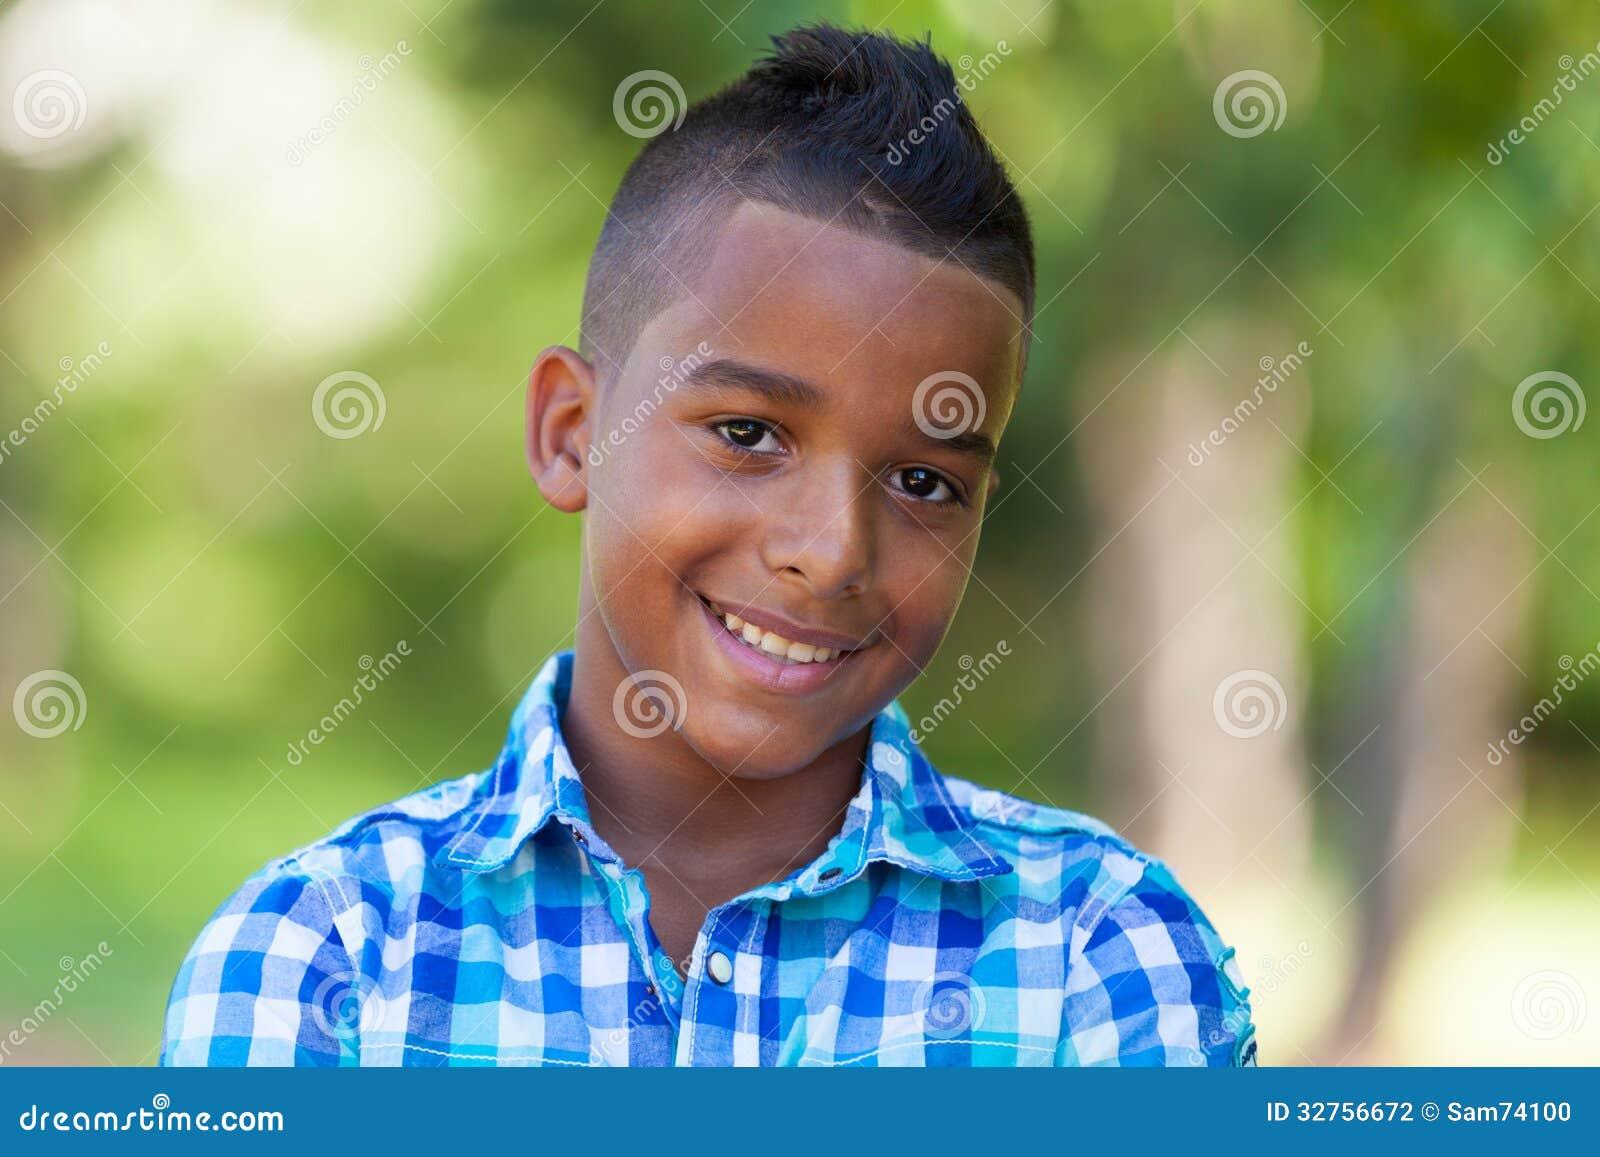 Porträt im Freien eines netten jugendlichen schwarzen Jungen - afrikanische Leute